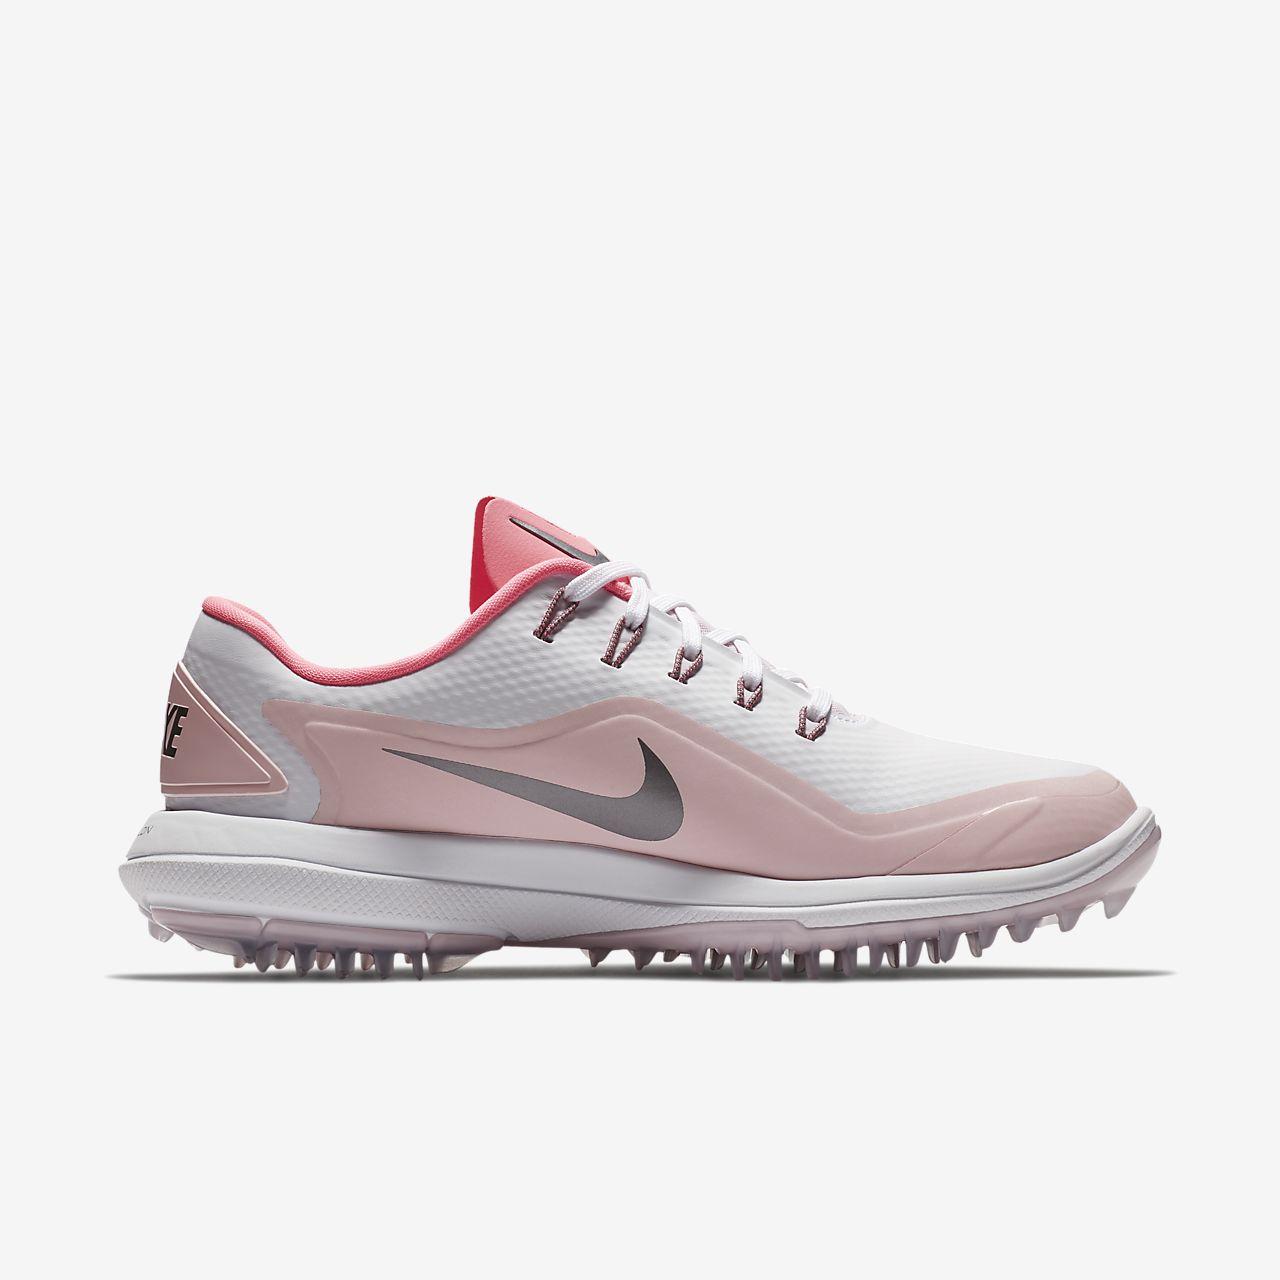 7a711ae6d587 Beautiful Womens Golf Shoes  4  ... Nike Lunar Control Vapor 2 Womenu0027s  Golf Shoe